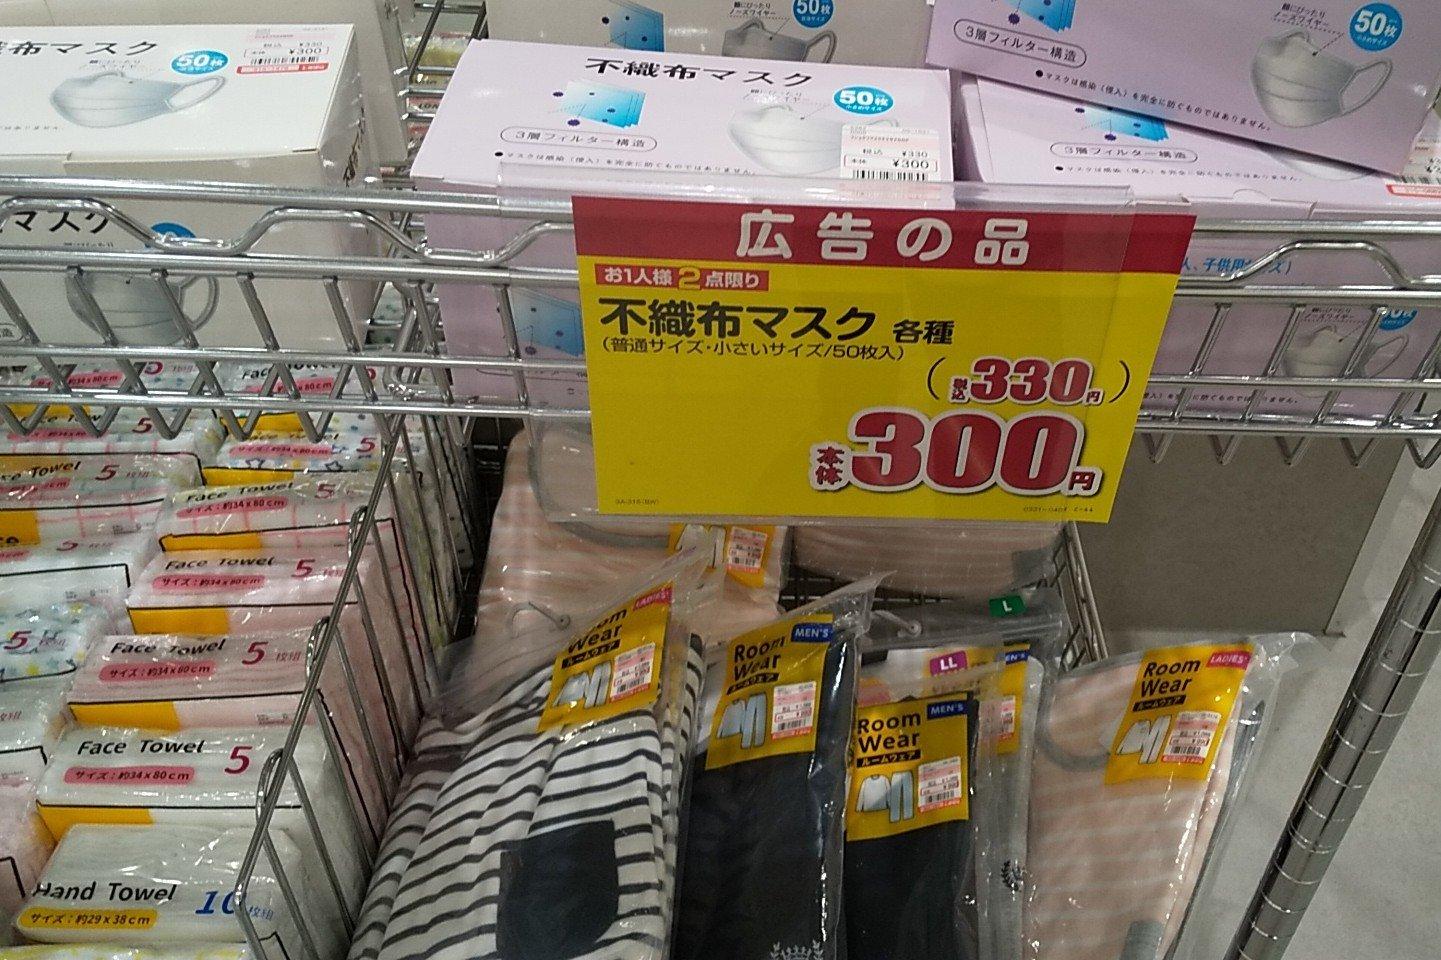 遂に再販【しまむら】「50枚300円不織布マスク」女性、子供向け新サイズも